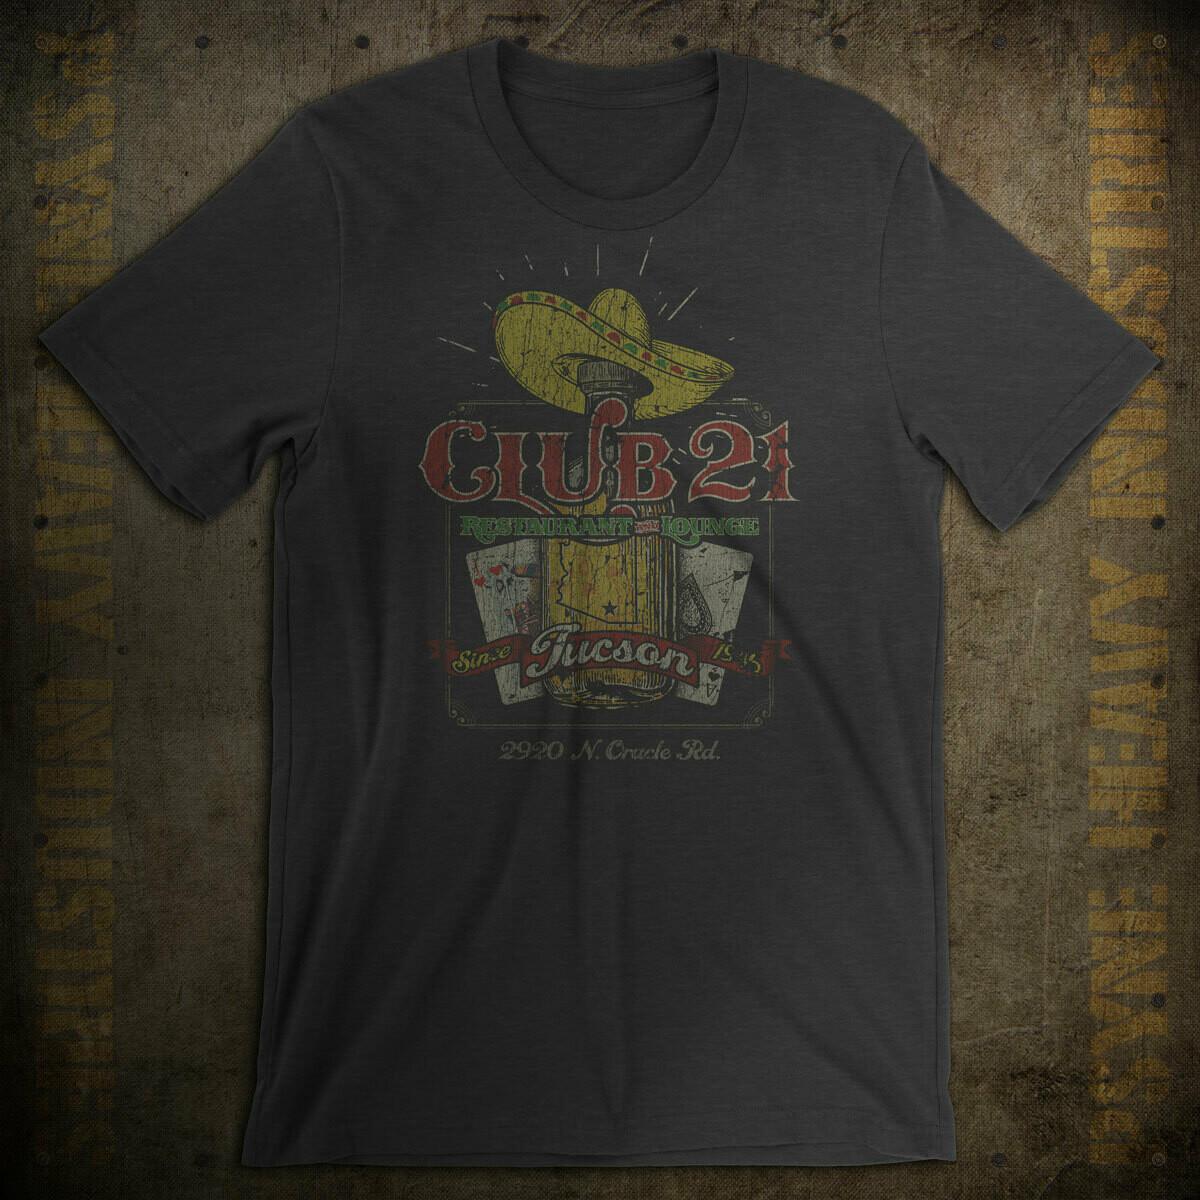 Club 21 Tucson Vintage T-Shirt